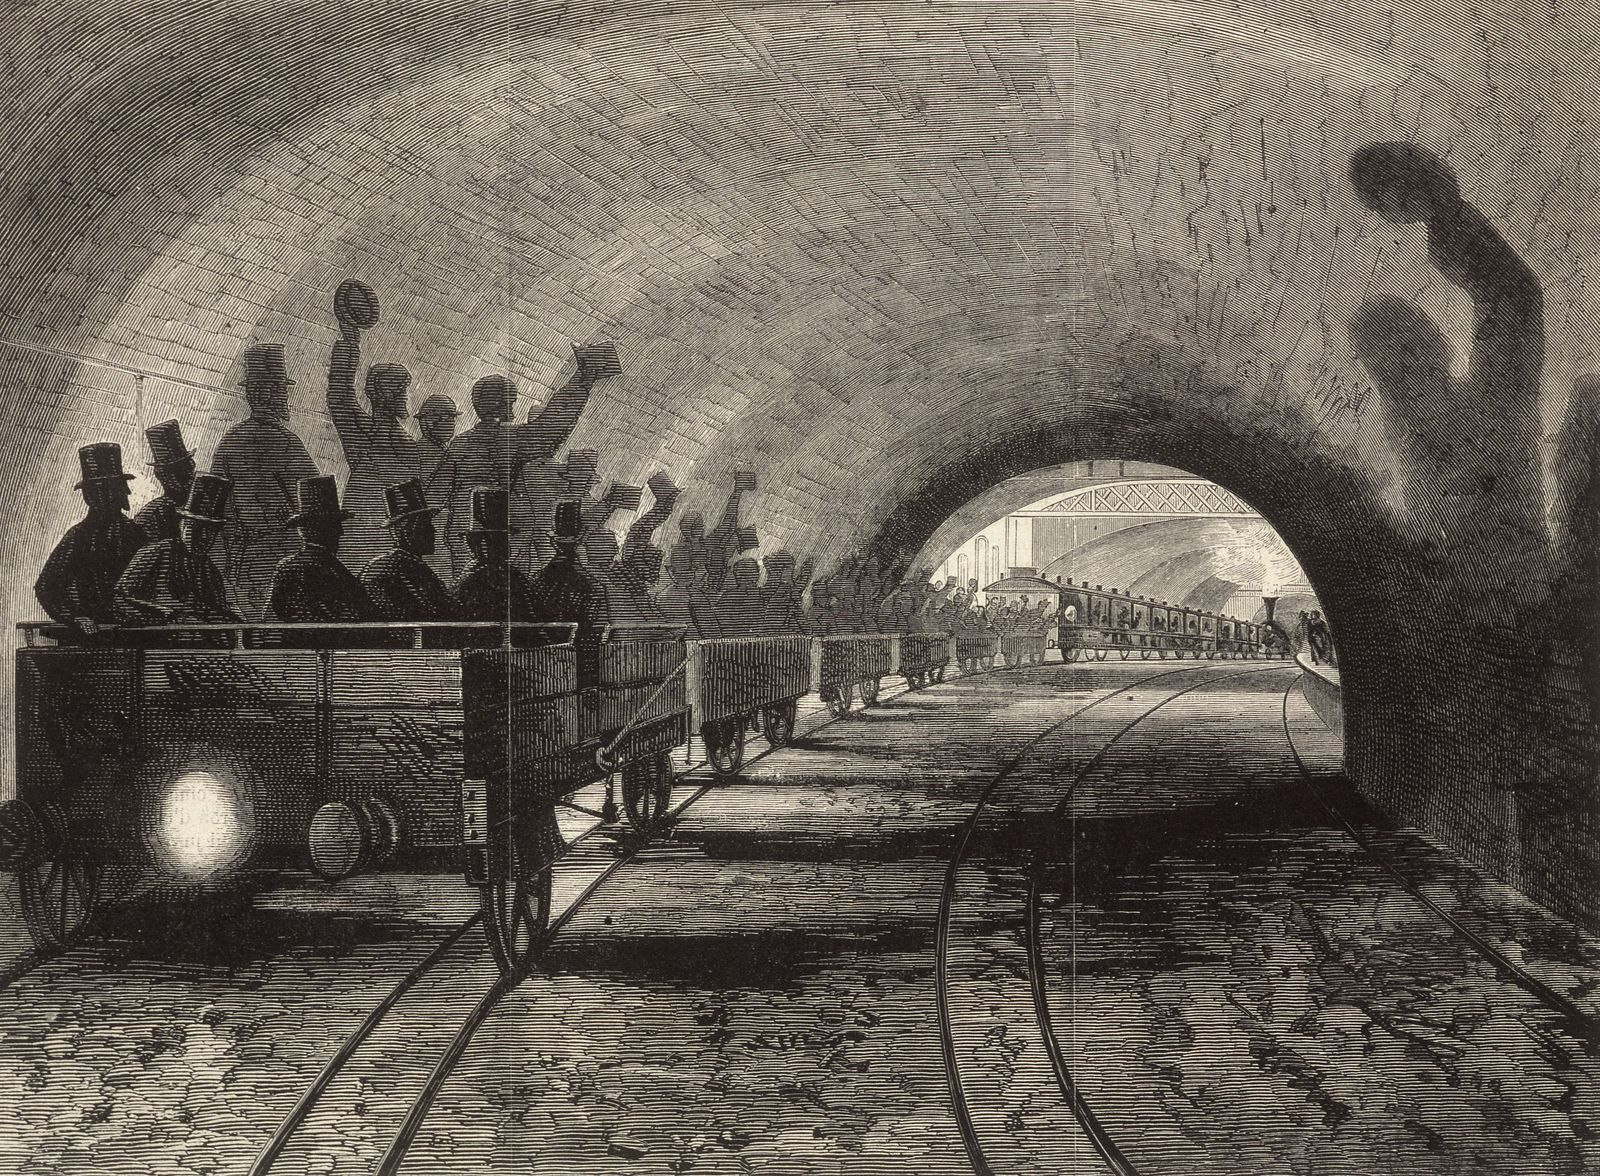 Metropolitain Le chemin de fer metropolitain a Londres . Illustration d apres FORSTER in. L Univers illustre du 19/09/18